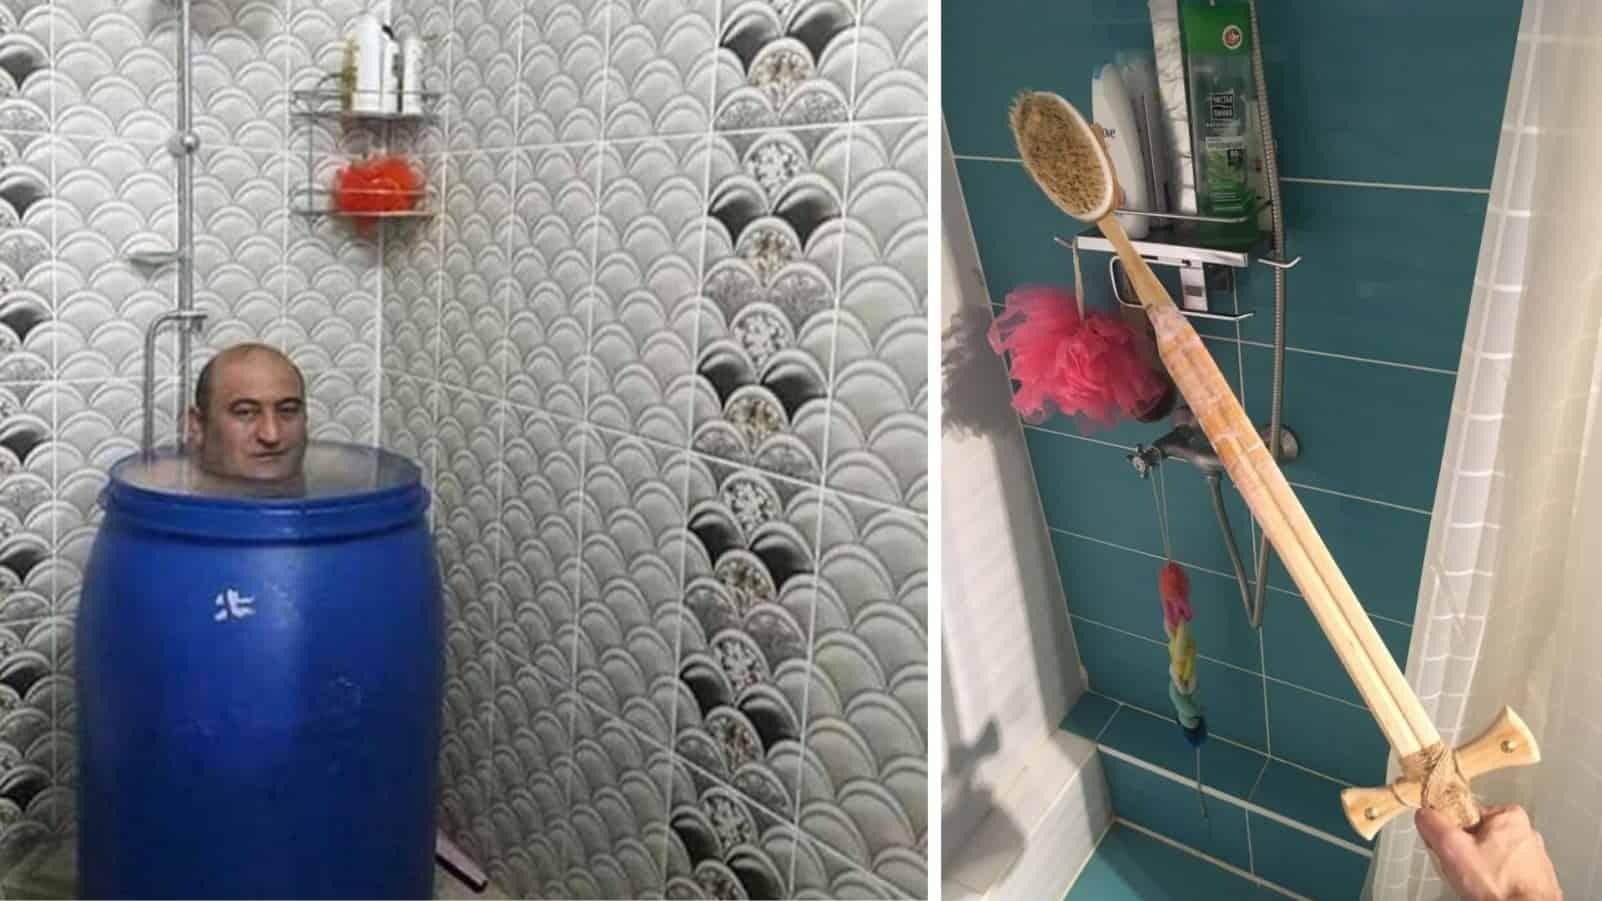 От смешных, до позорных: приспособления которые можно обнаружить в ванных комнатах